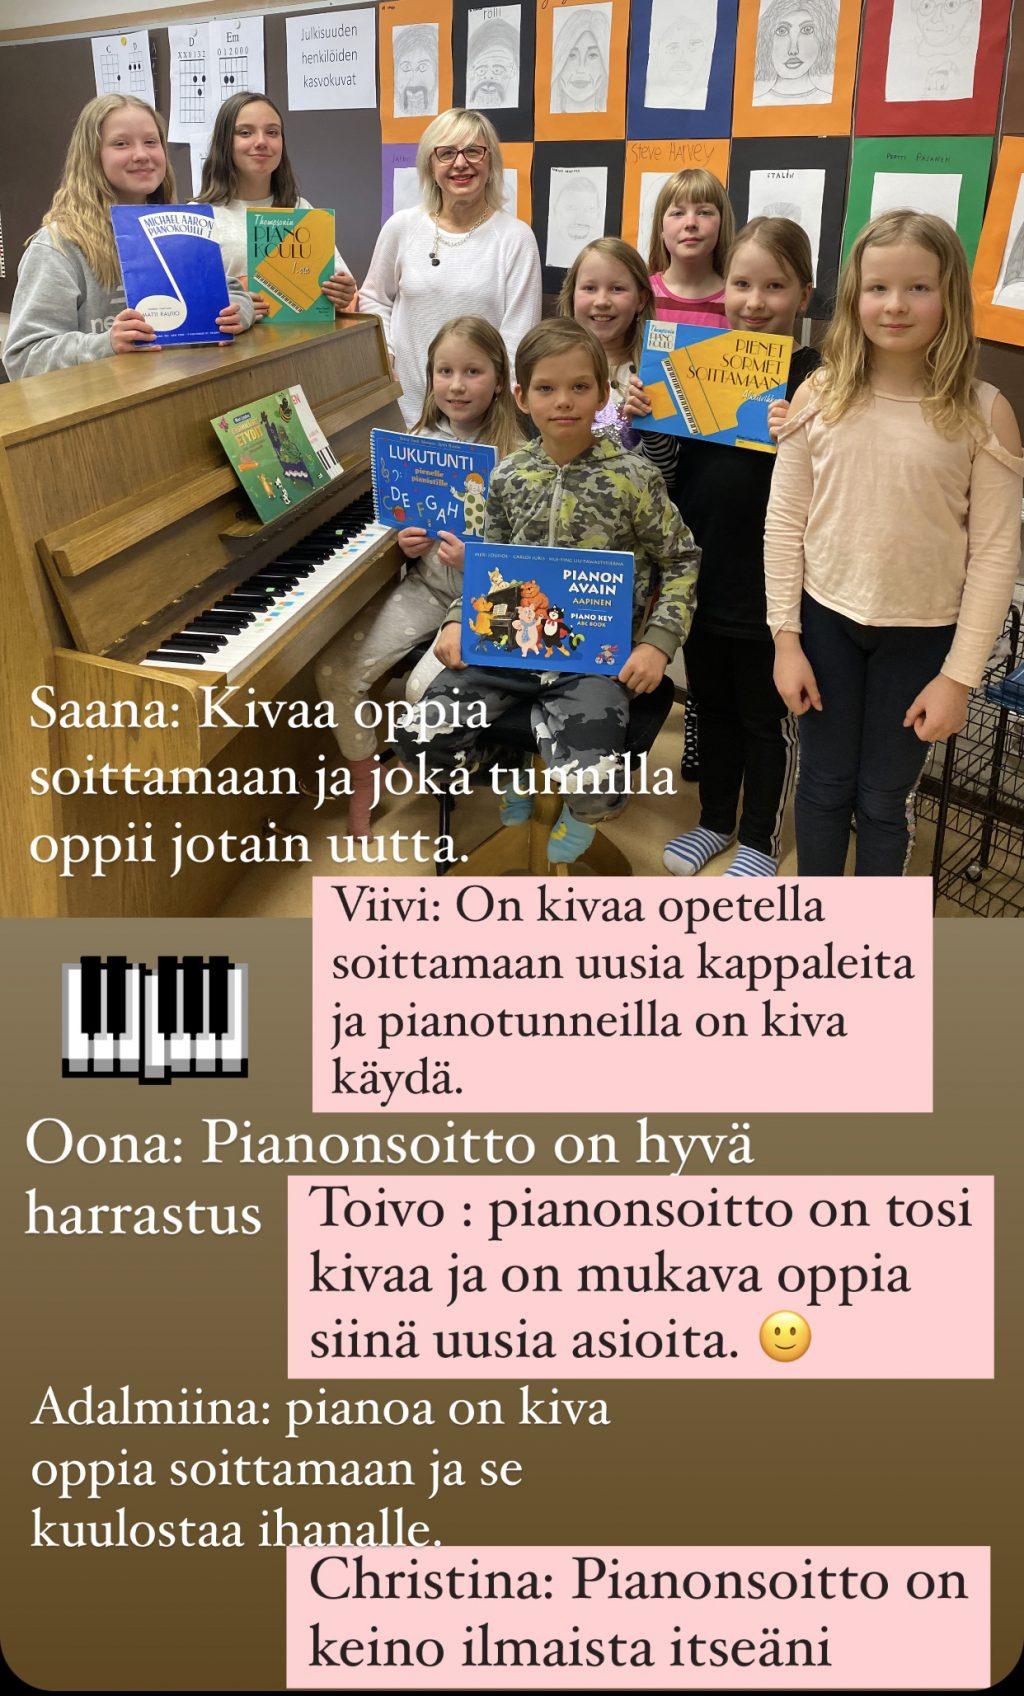 Piano-oppilaiden mietteitä pianonsoiton opiskelusta.